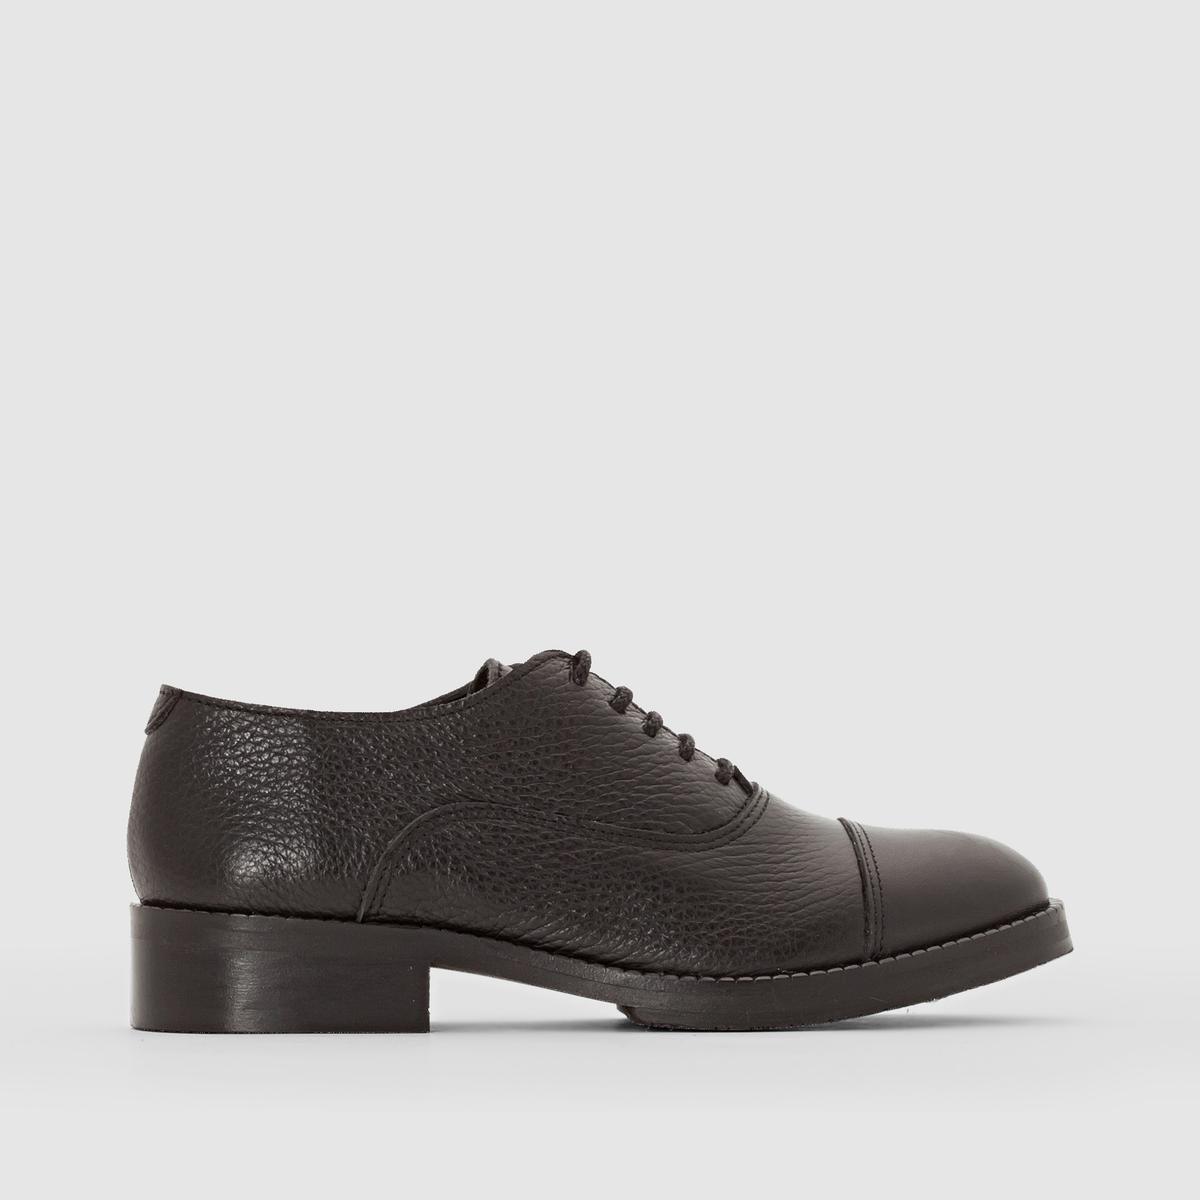 Ботинки-дерби блестящие GEMMA от La Redoute